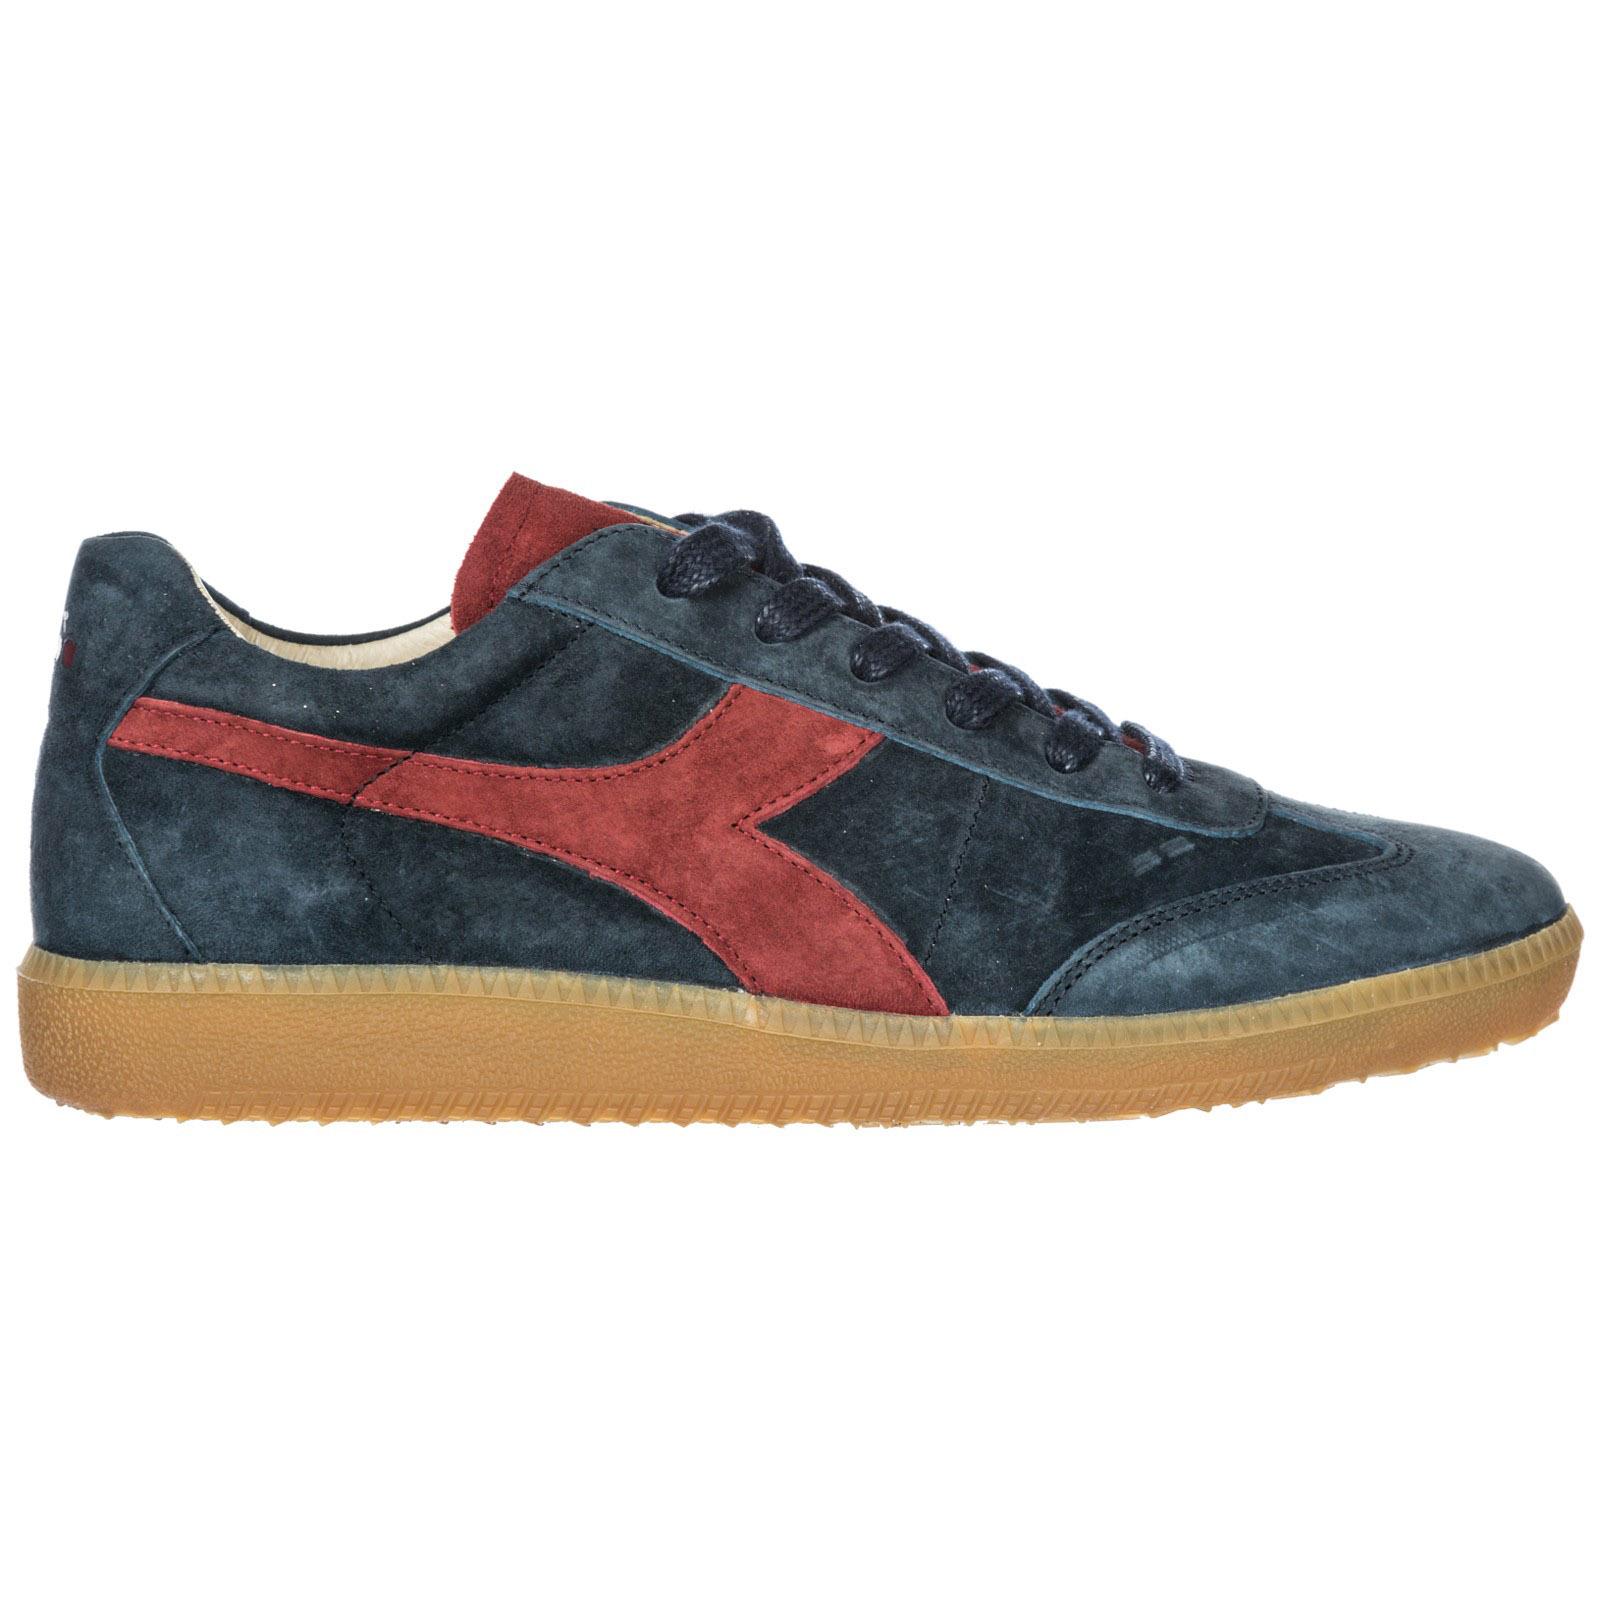 DIADORA Herrenschuhe Herren Wildleder Sneakers Schuhe Football 80 S Core 3 Evo in Blue